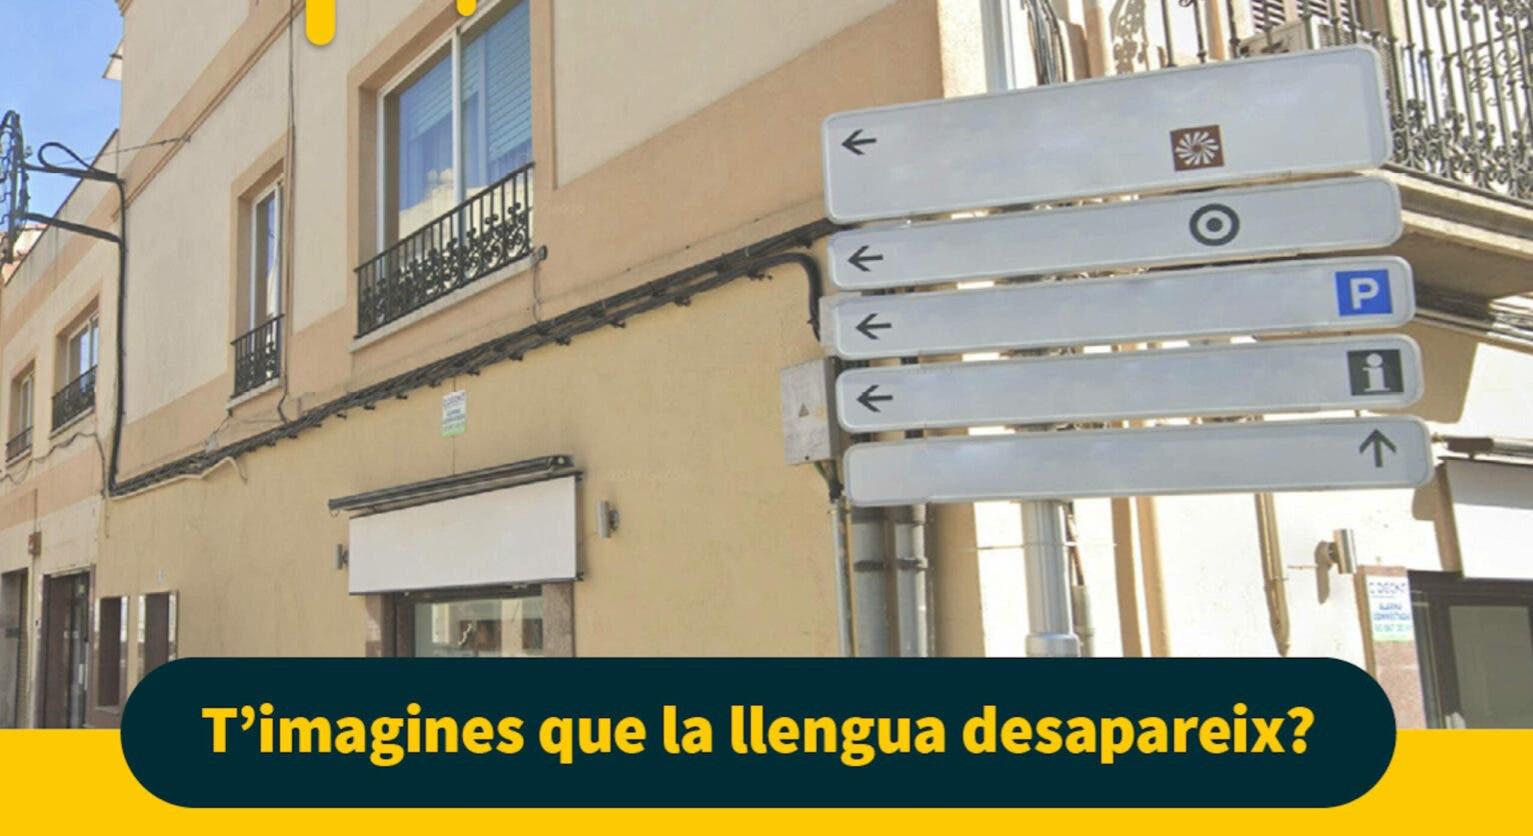 Preocupació per la davallada  de parlants habituals del català*